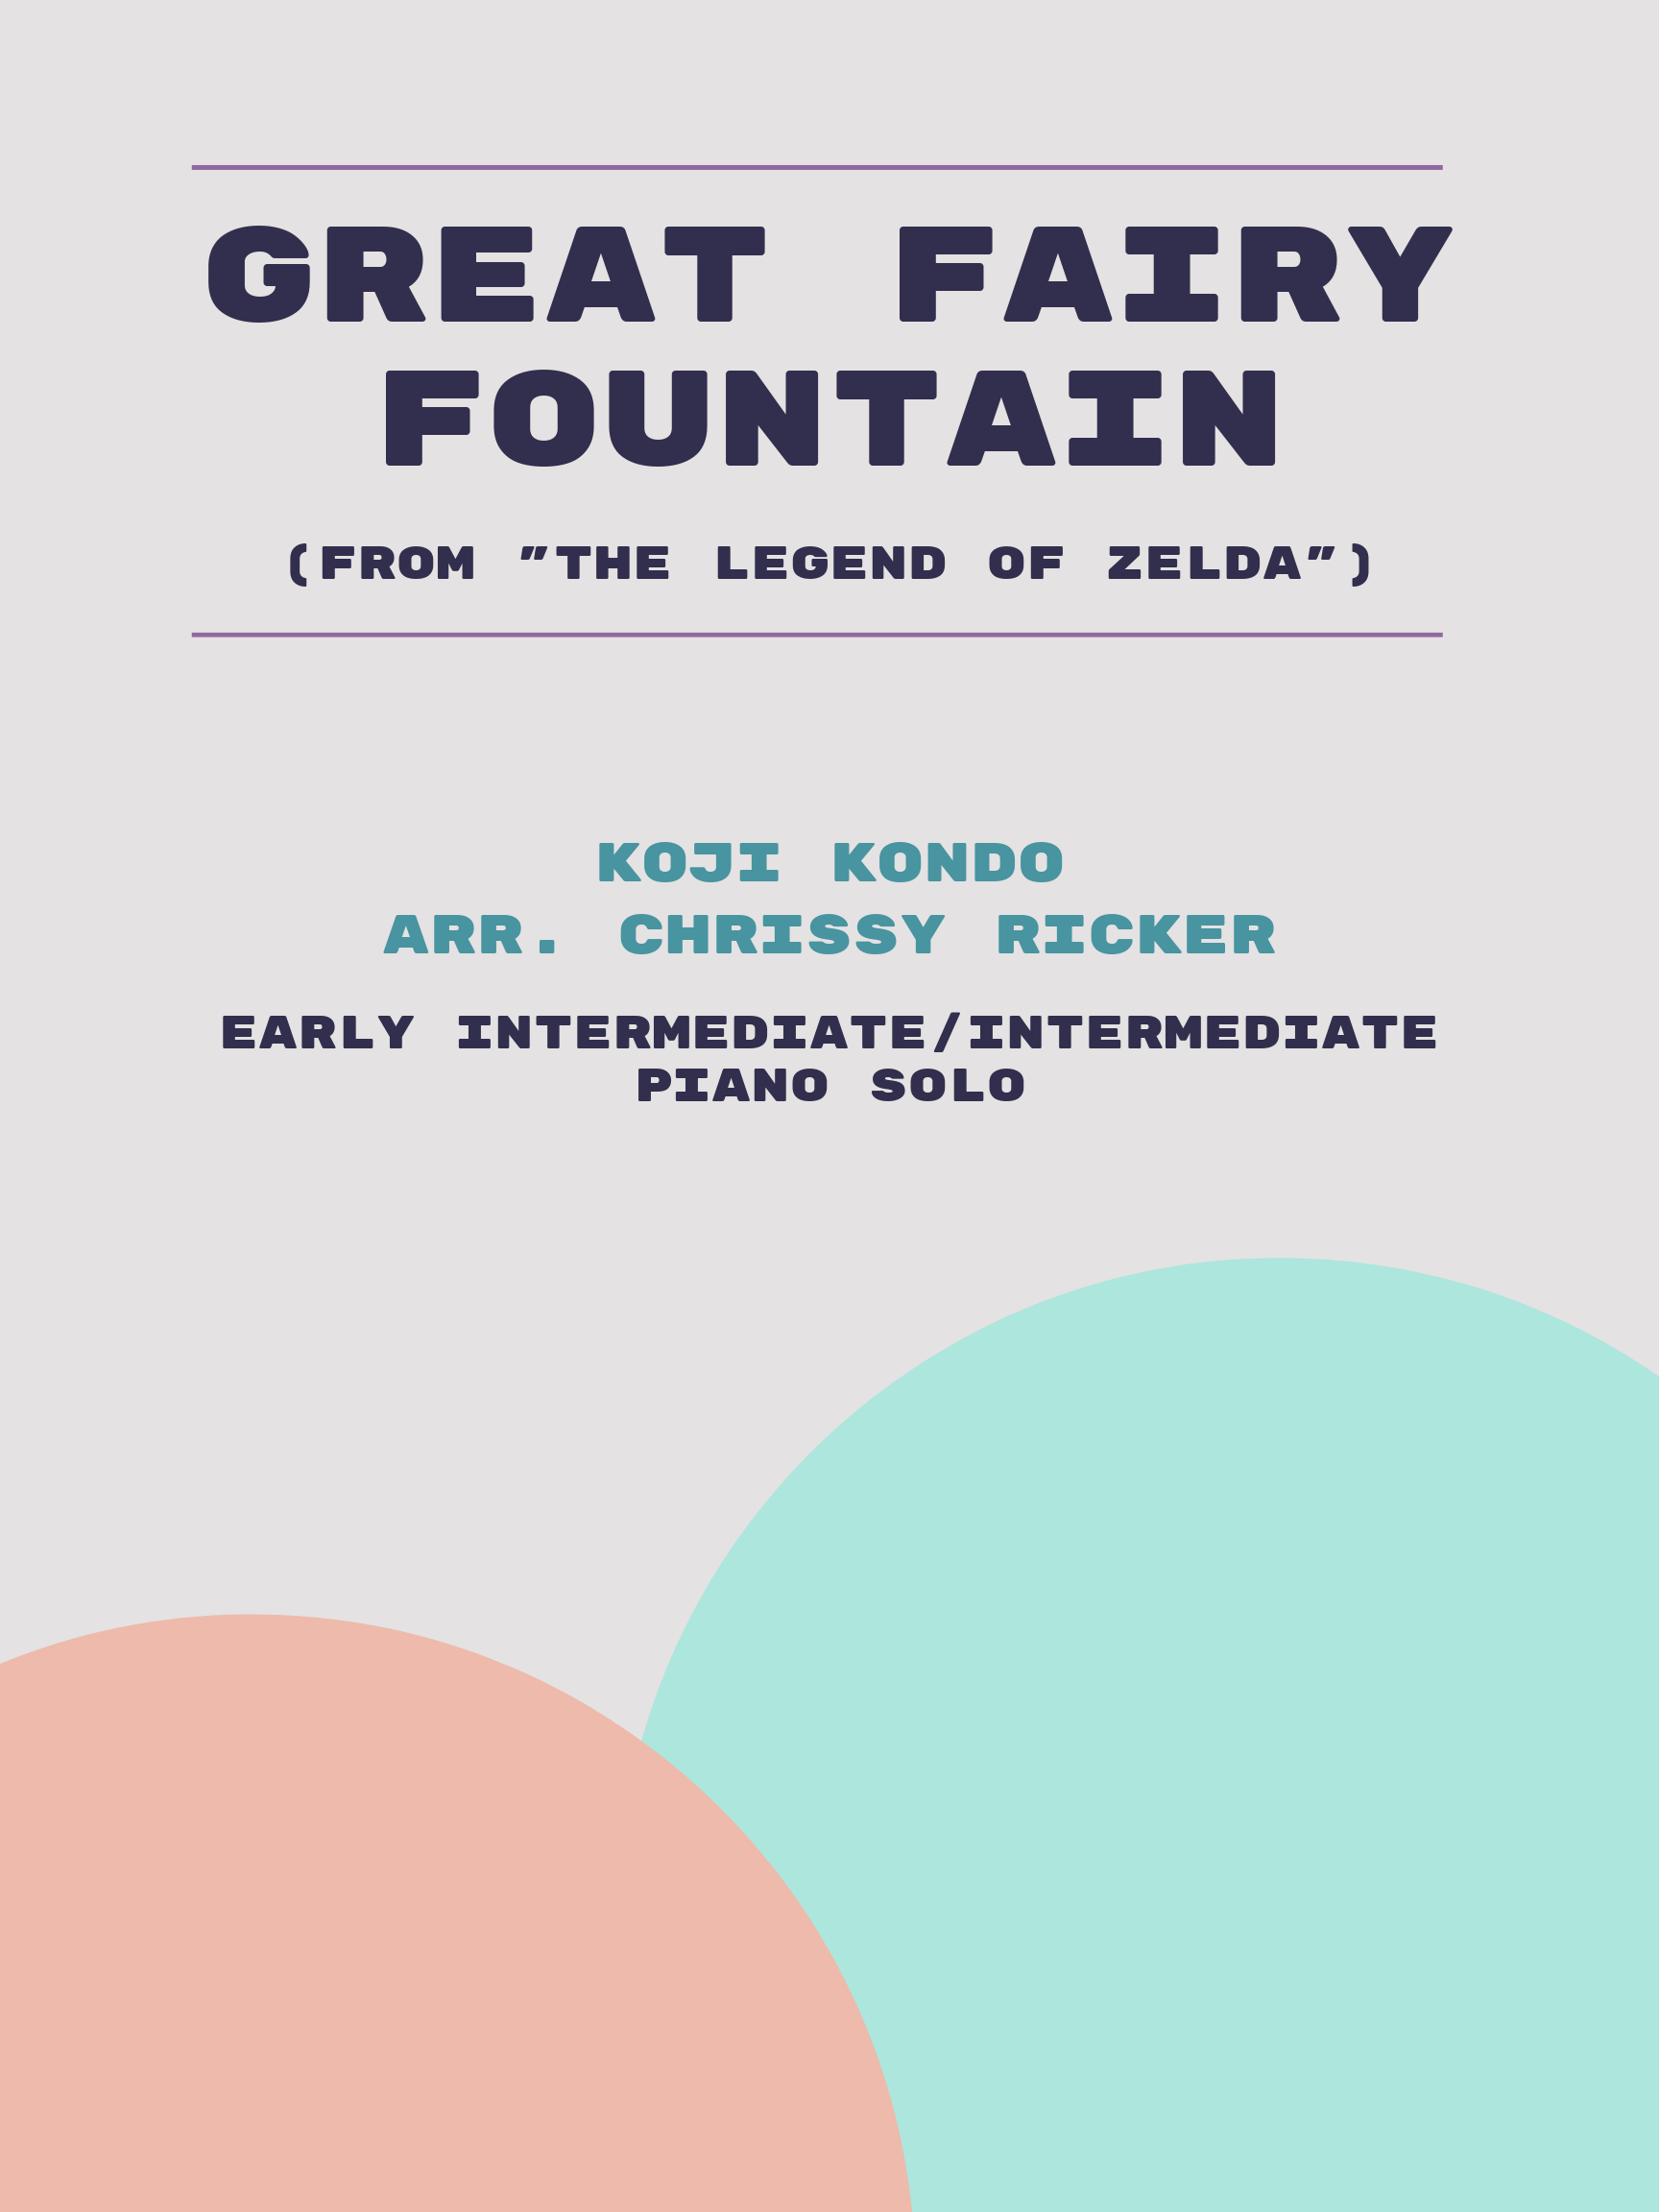 Great Fairy Fountain by Koji Kondo